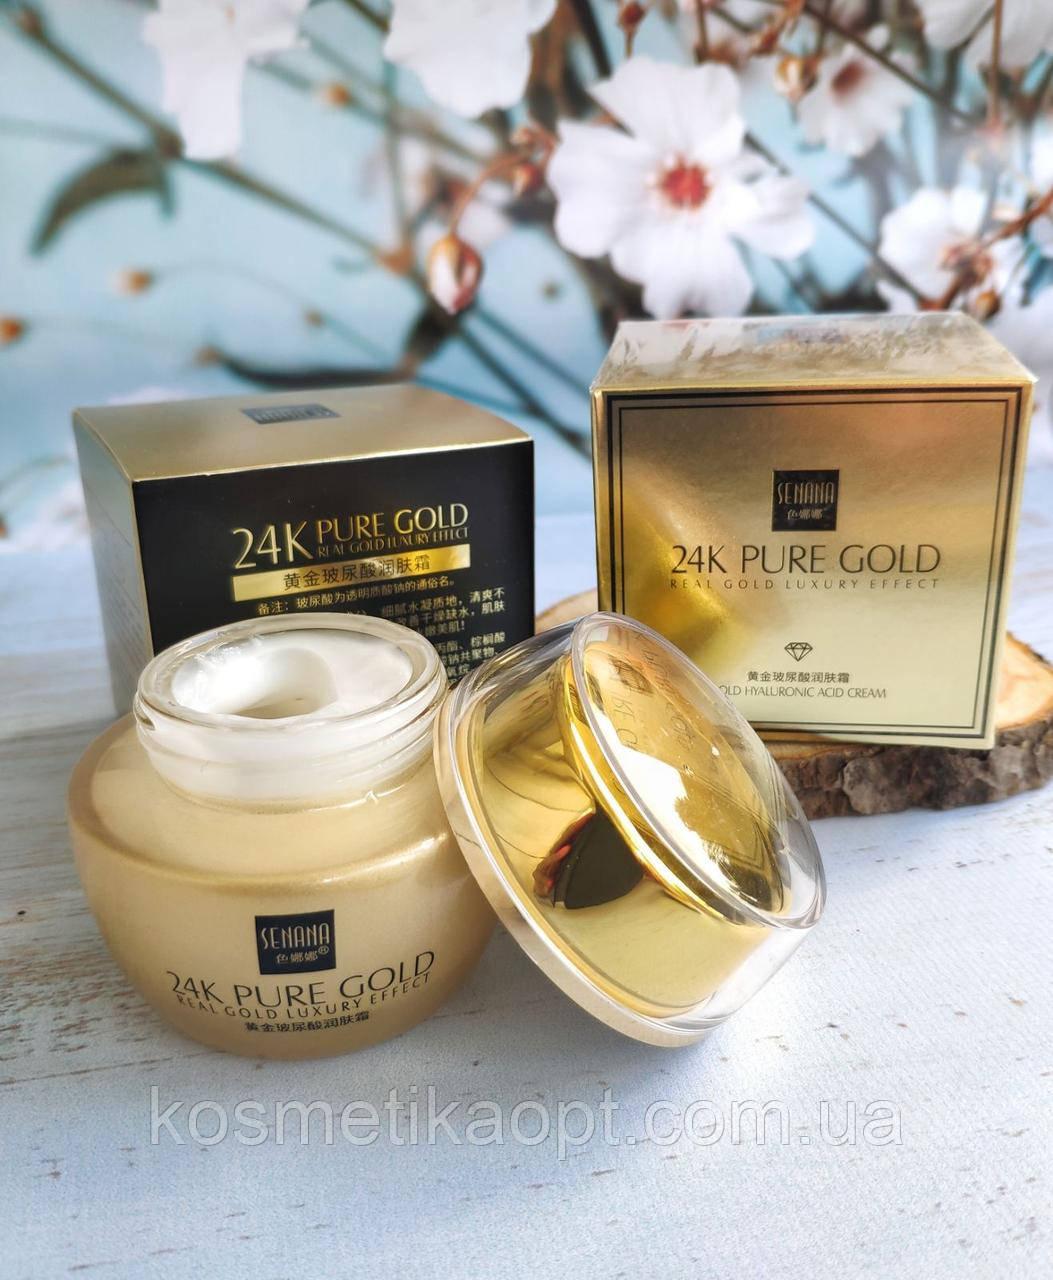 Увлажняющий крем  с гиалуроновой кислотой  и частицами золота   SENANA 24 к Pure Gold